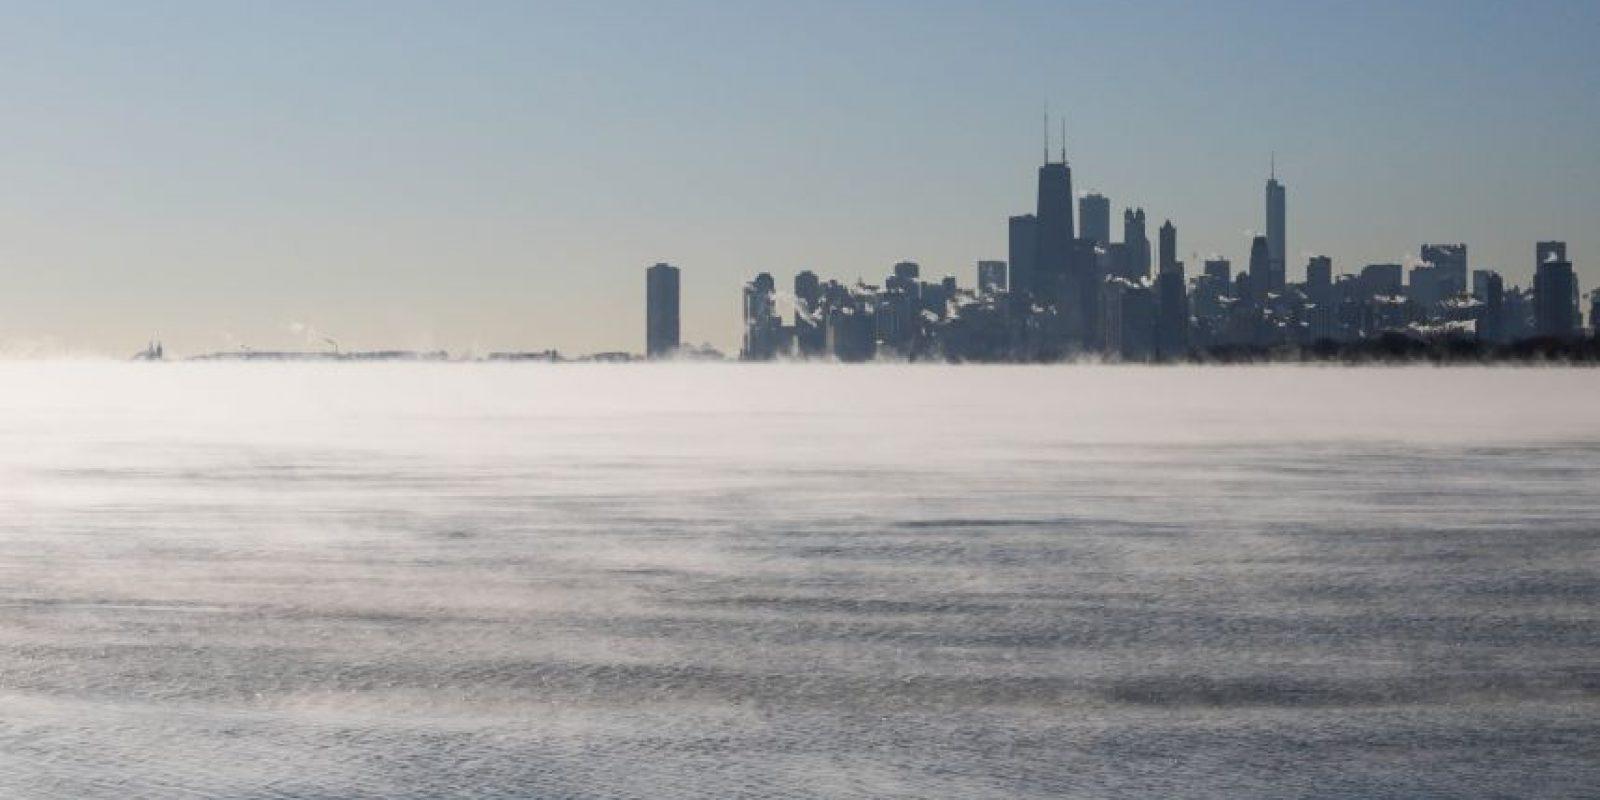 Panorámica de Chicago desde una orilla del lago Michigan el lunes 18 de enero de 2016. Fue la mañana más fría de la temporada hasta ahora en Chicago, con temperaturas bajo cero y vientos helados en toda la zona. Foto:AP. Imagen Por: